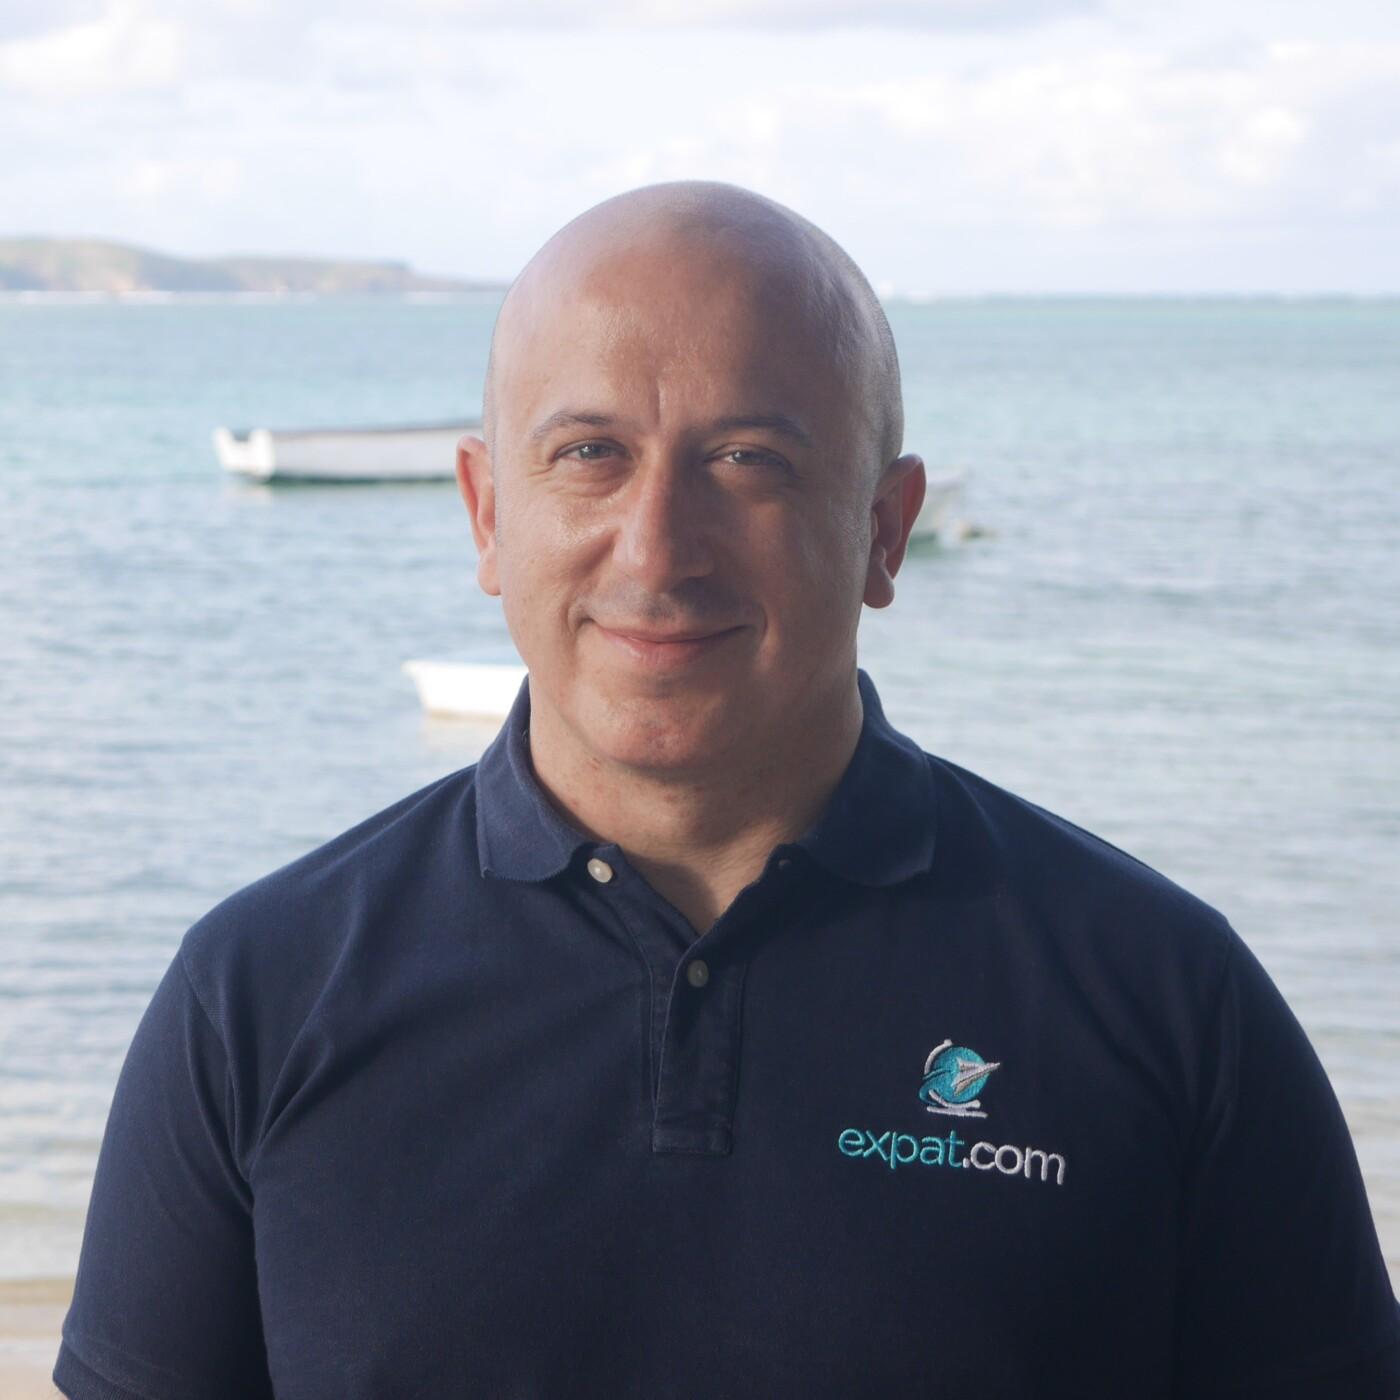 Julien Faliu, créateur du site Expat point com - 26 08 2021 - StereoChic Radio